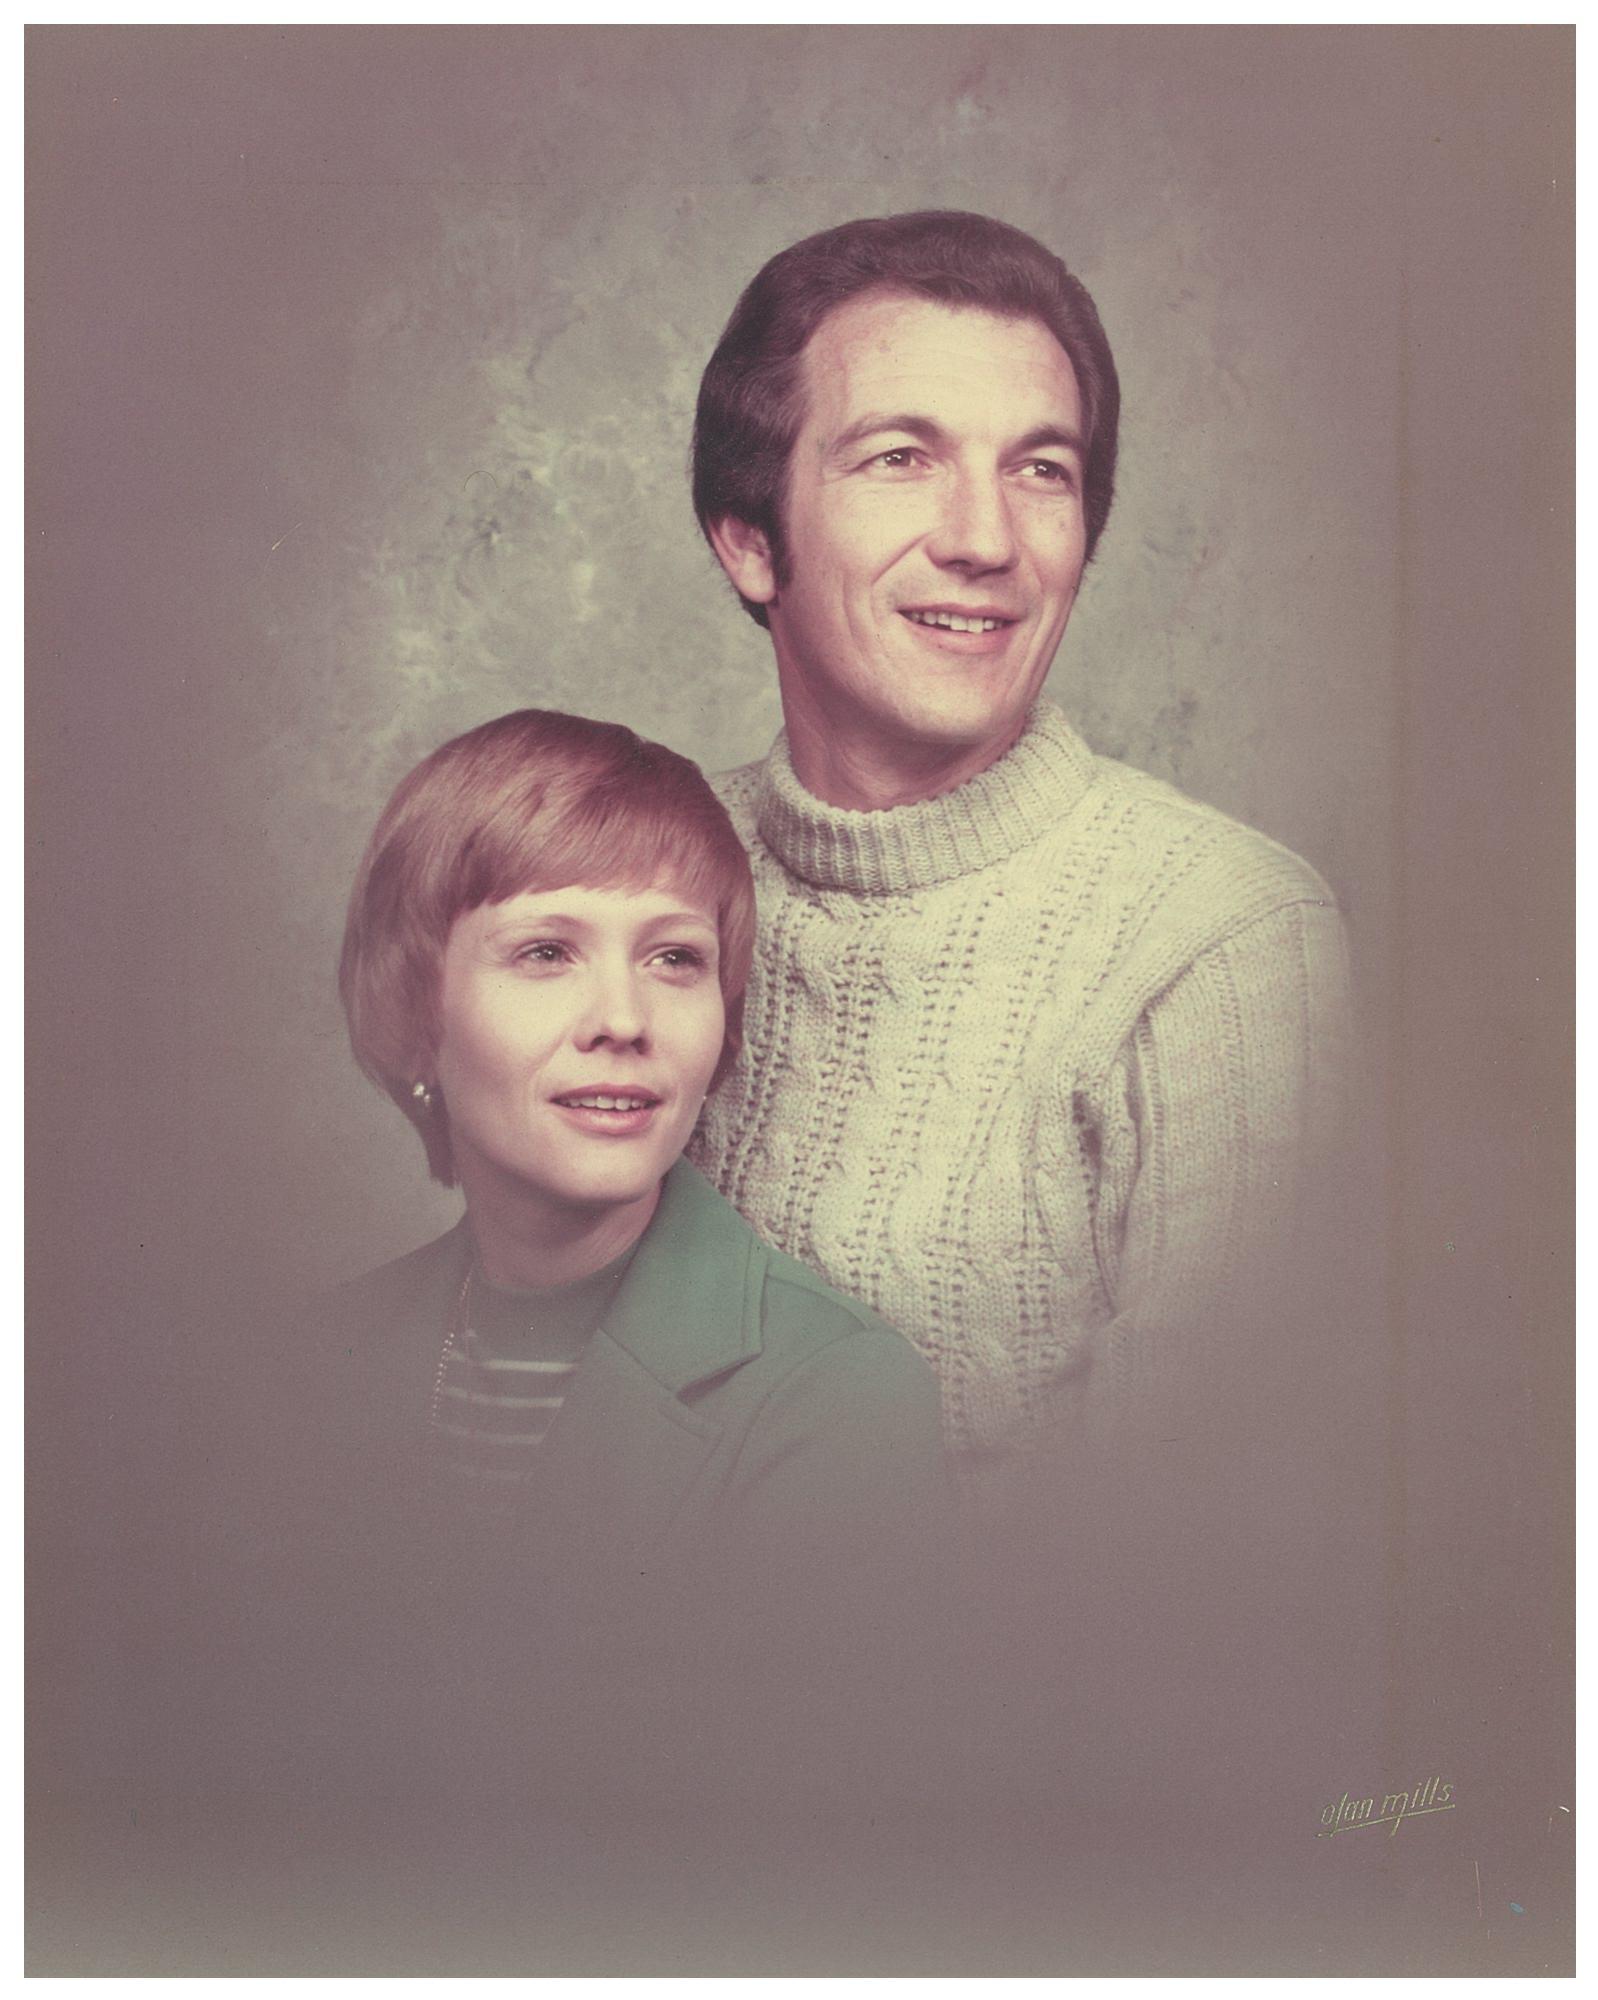 Us in 1965